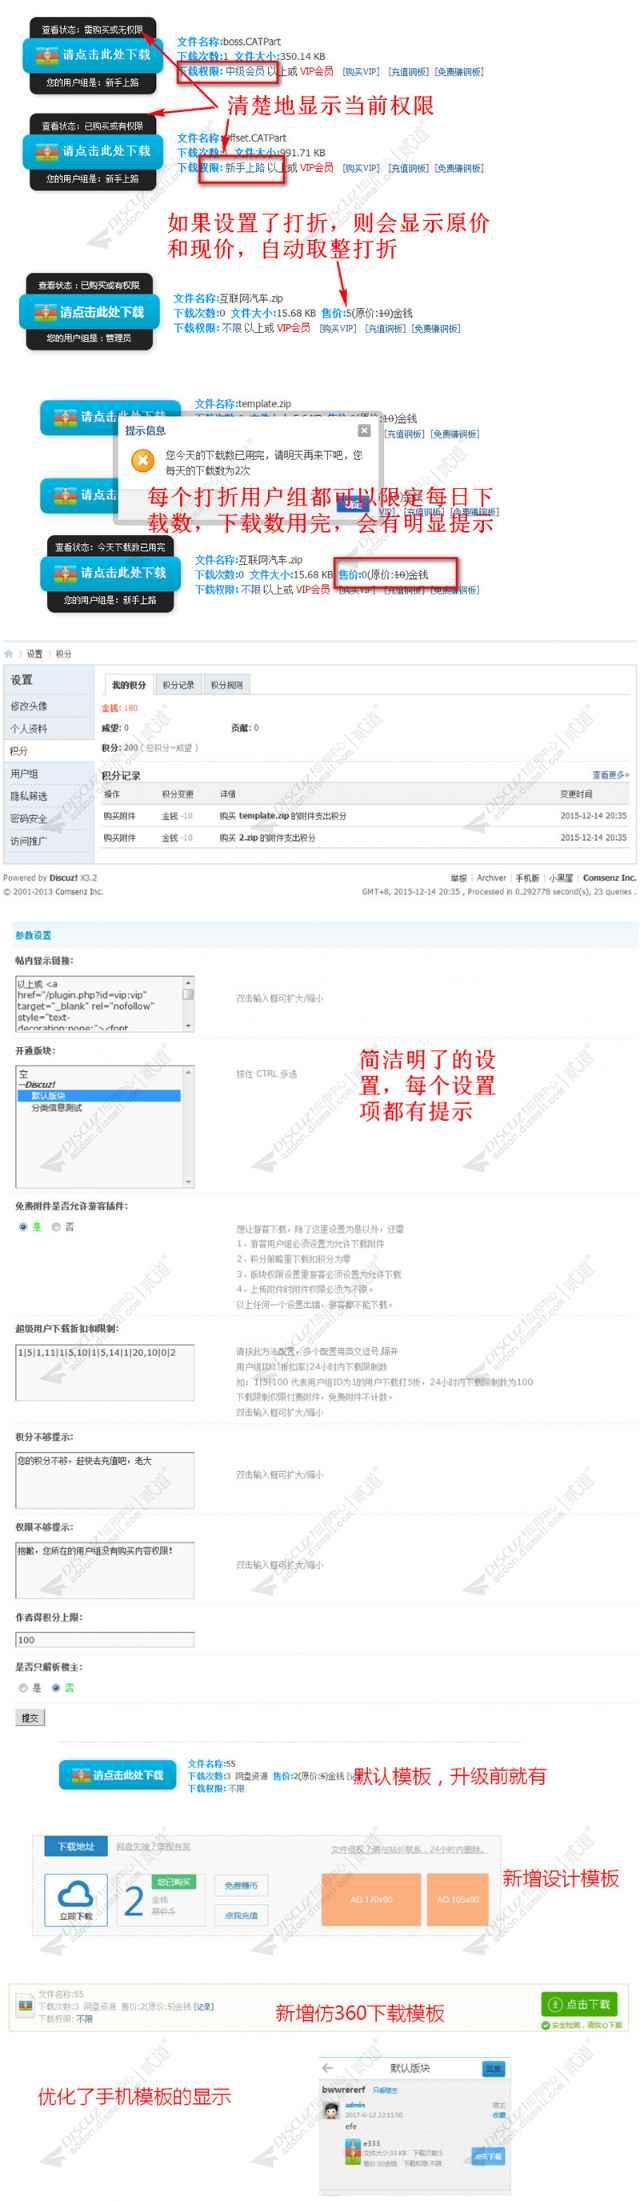 【Discuz插件】附件打折和下载限制V8.3 独家优化手机版插图